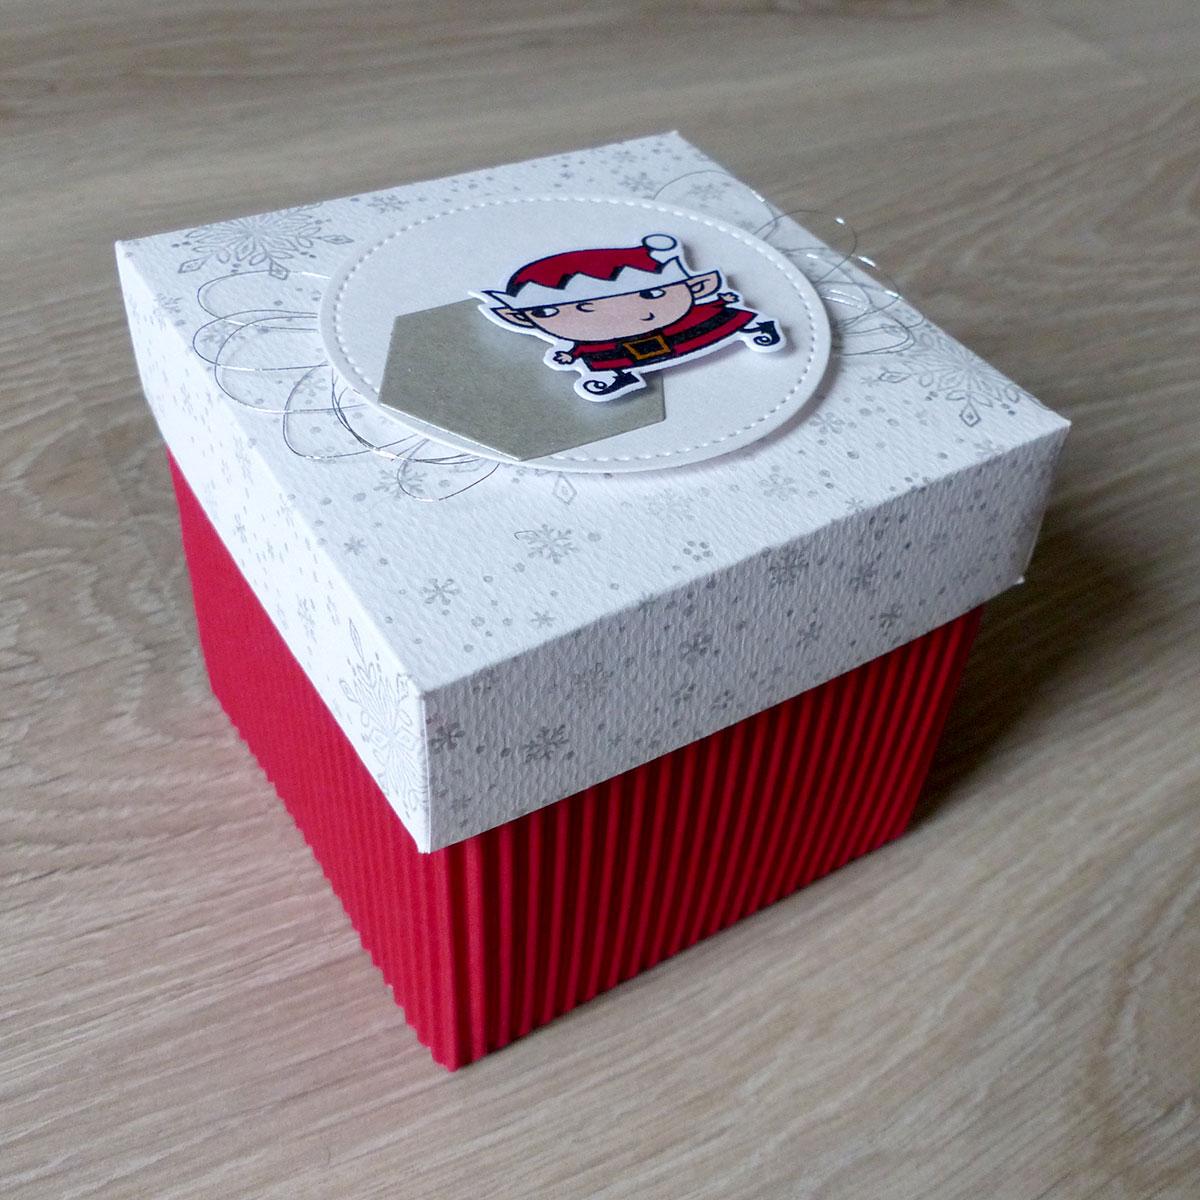 La boîte rouge